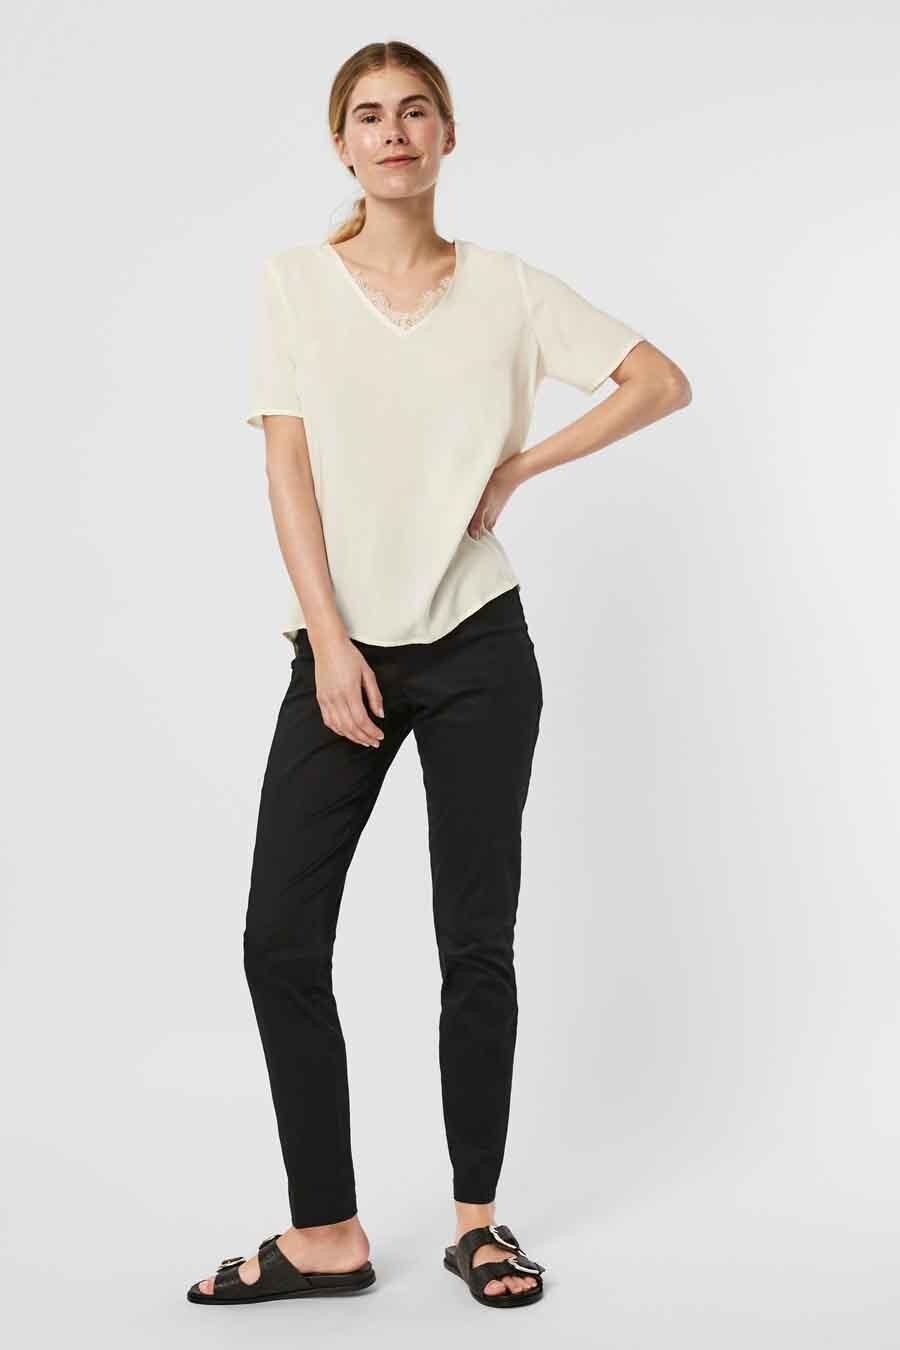 Vero Moda® Blouse korte mouwen, Wit, Dames, Maat: L/M/S/XL/XS